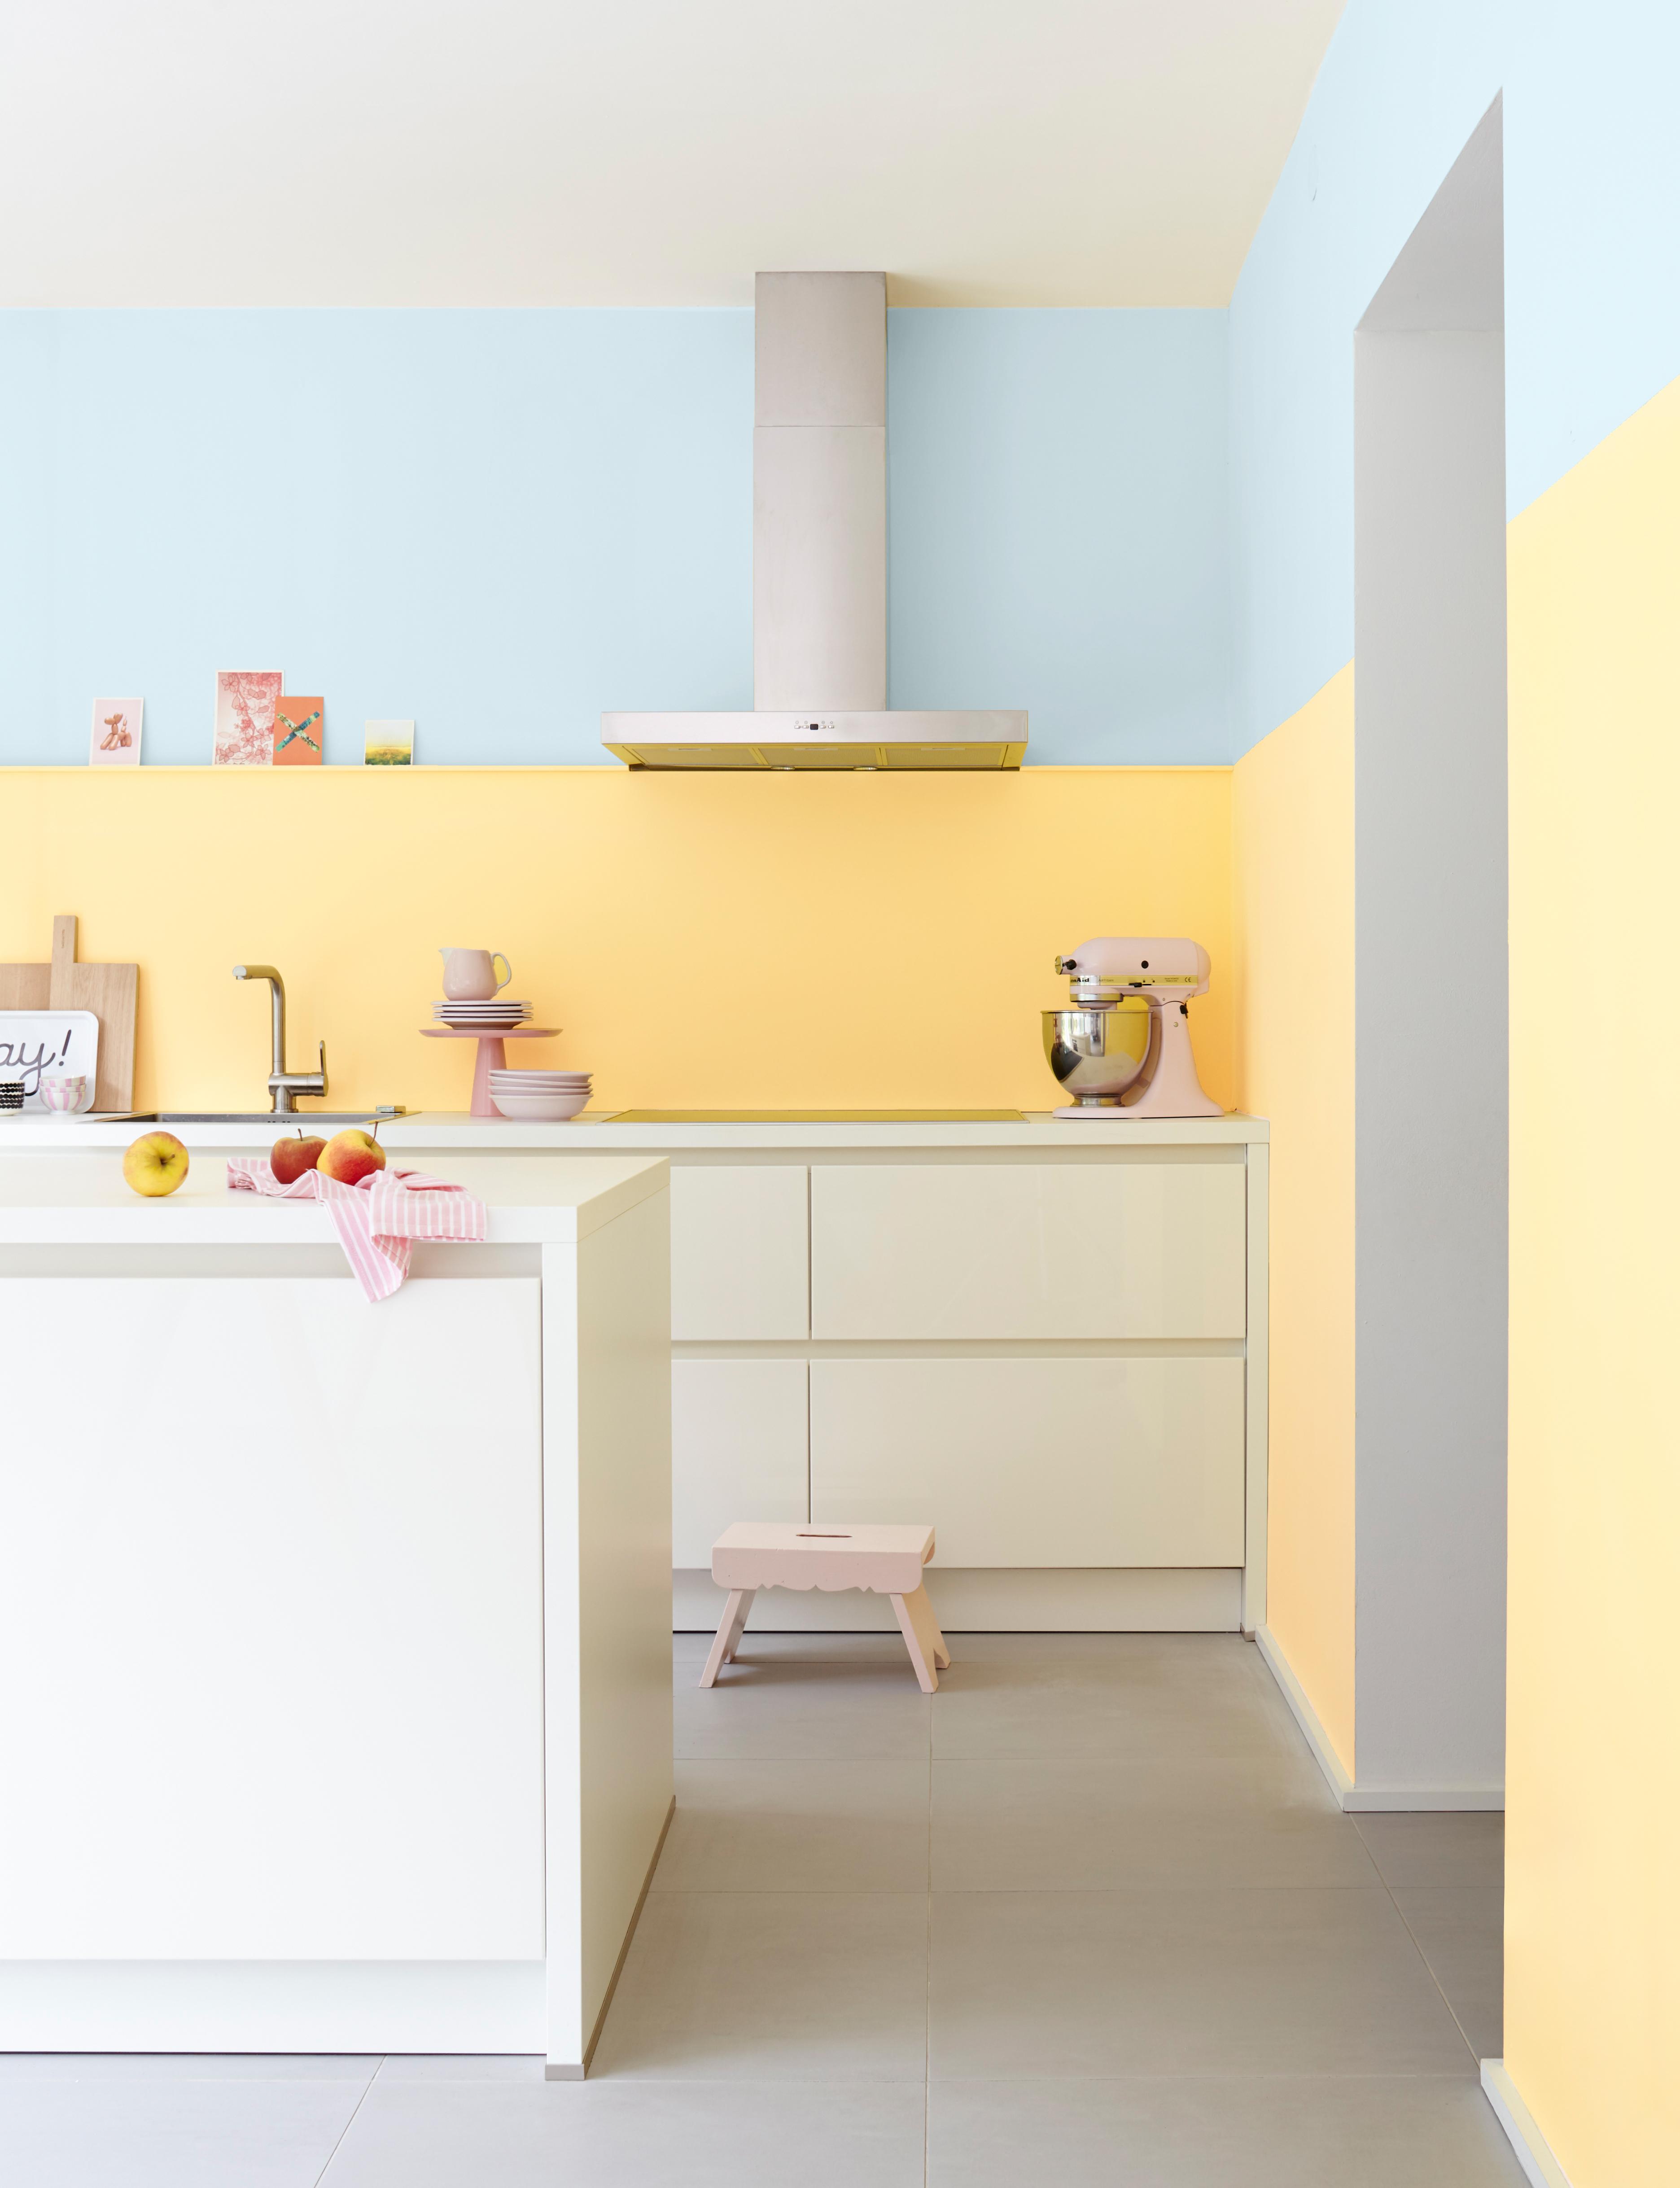 farb wirkung von gelb im raum alpina farbe wirkung. Black Bedroom Furniture Sets. Home Design Ideas